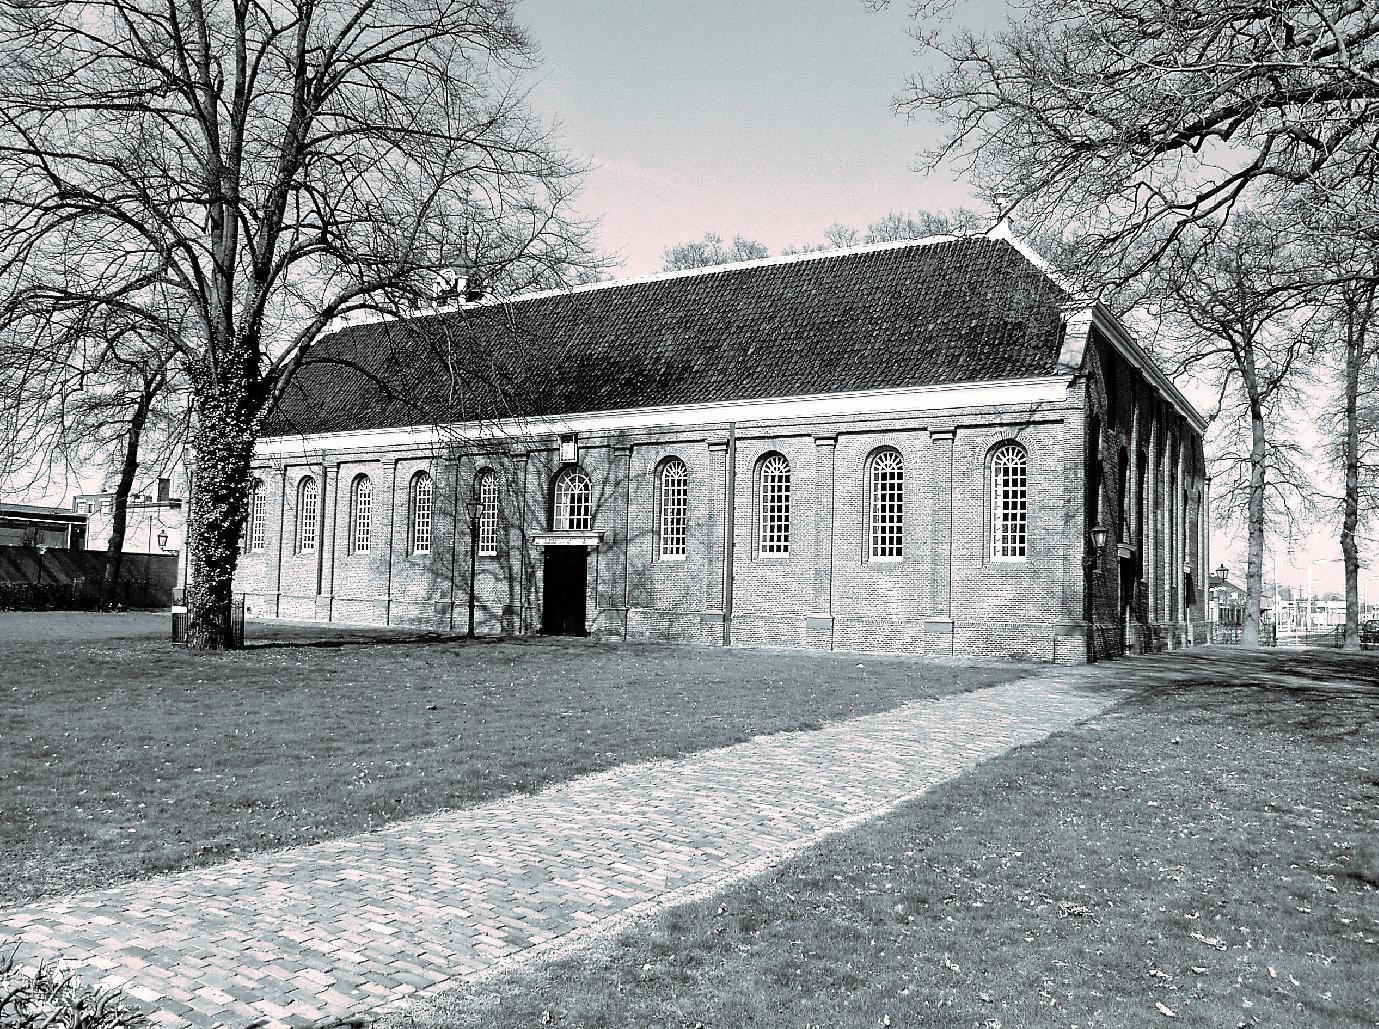 Grote Kerkstraat 40, Hoogeveen, de Grote Kerk